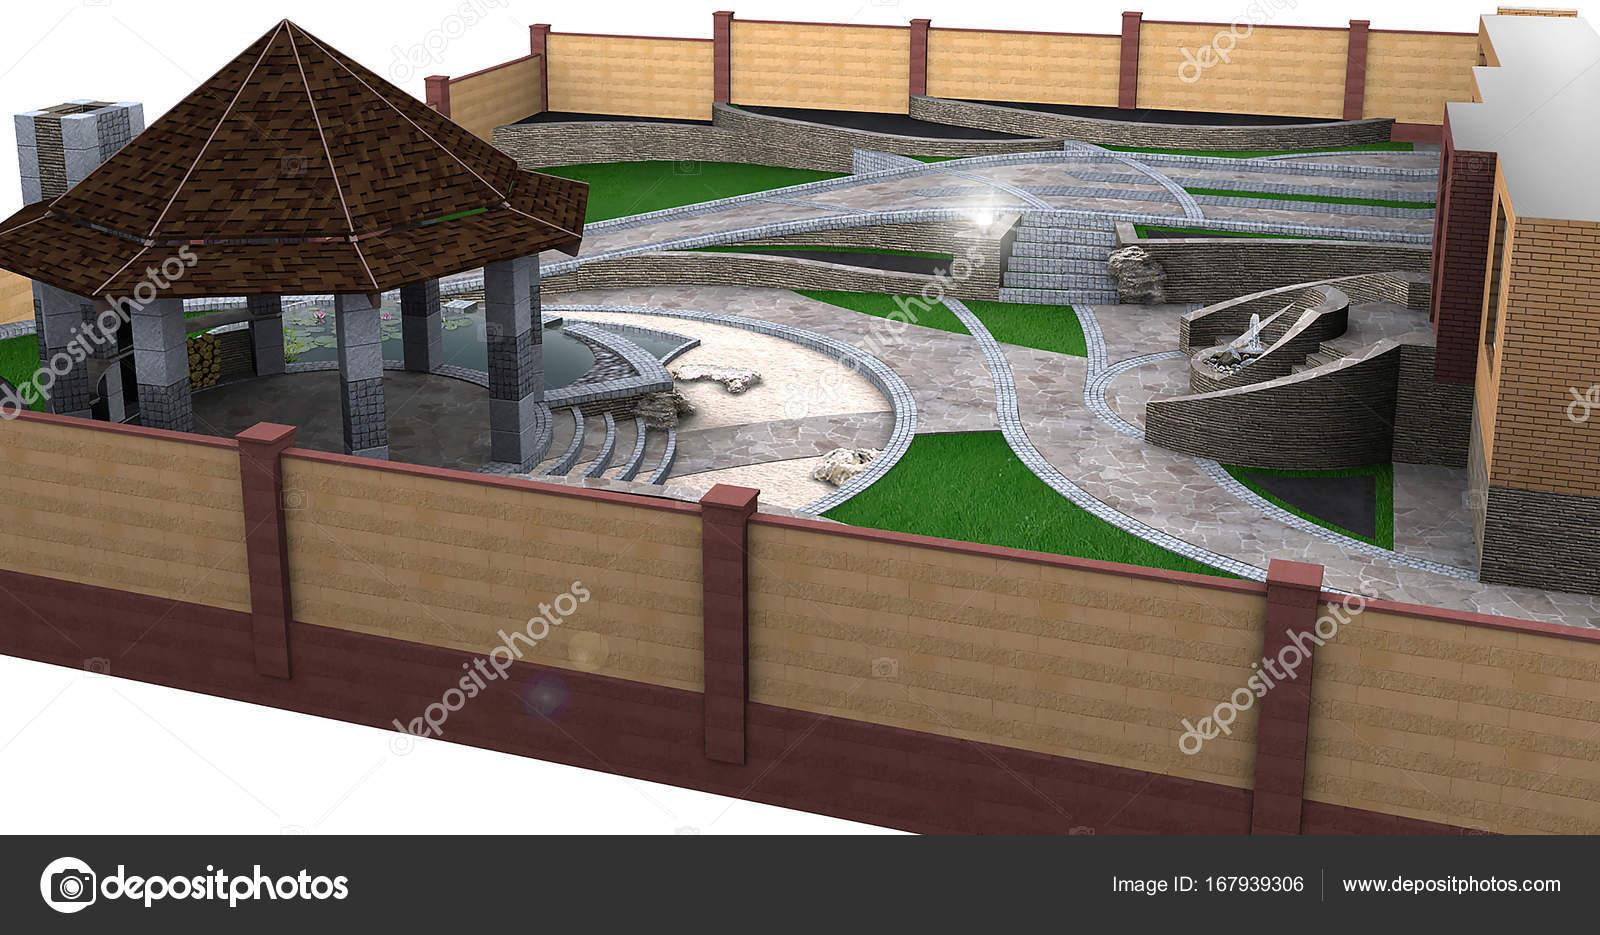 Tuin vijver en terrasplanken ideeën d rendering u stockfoto